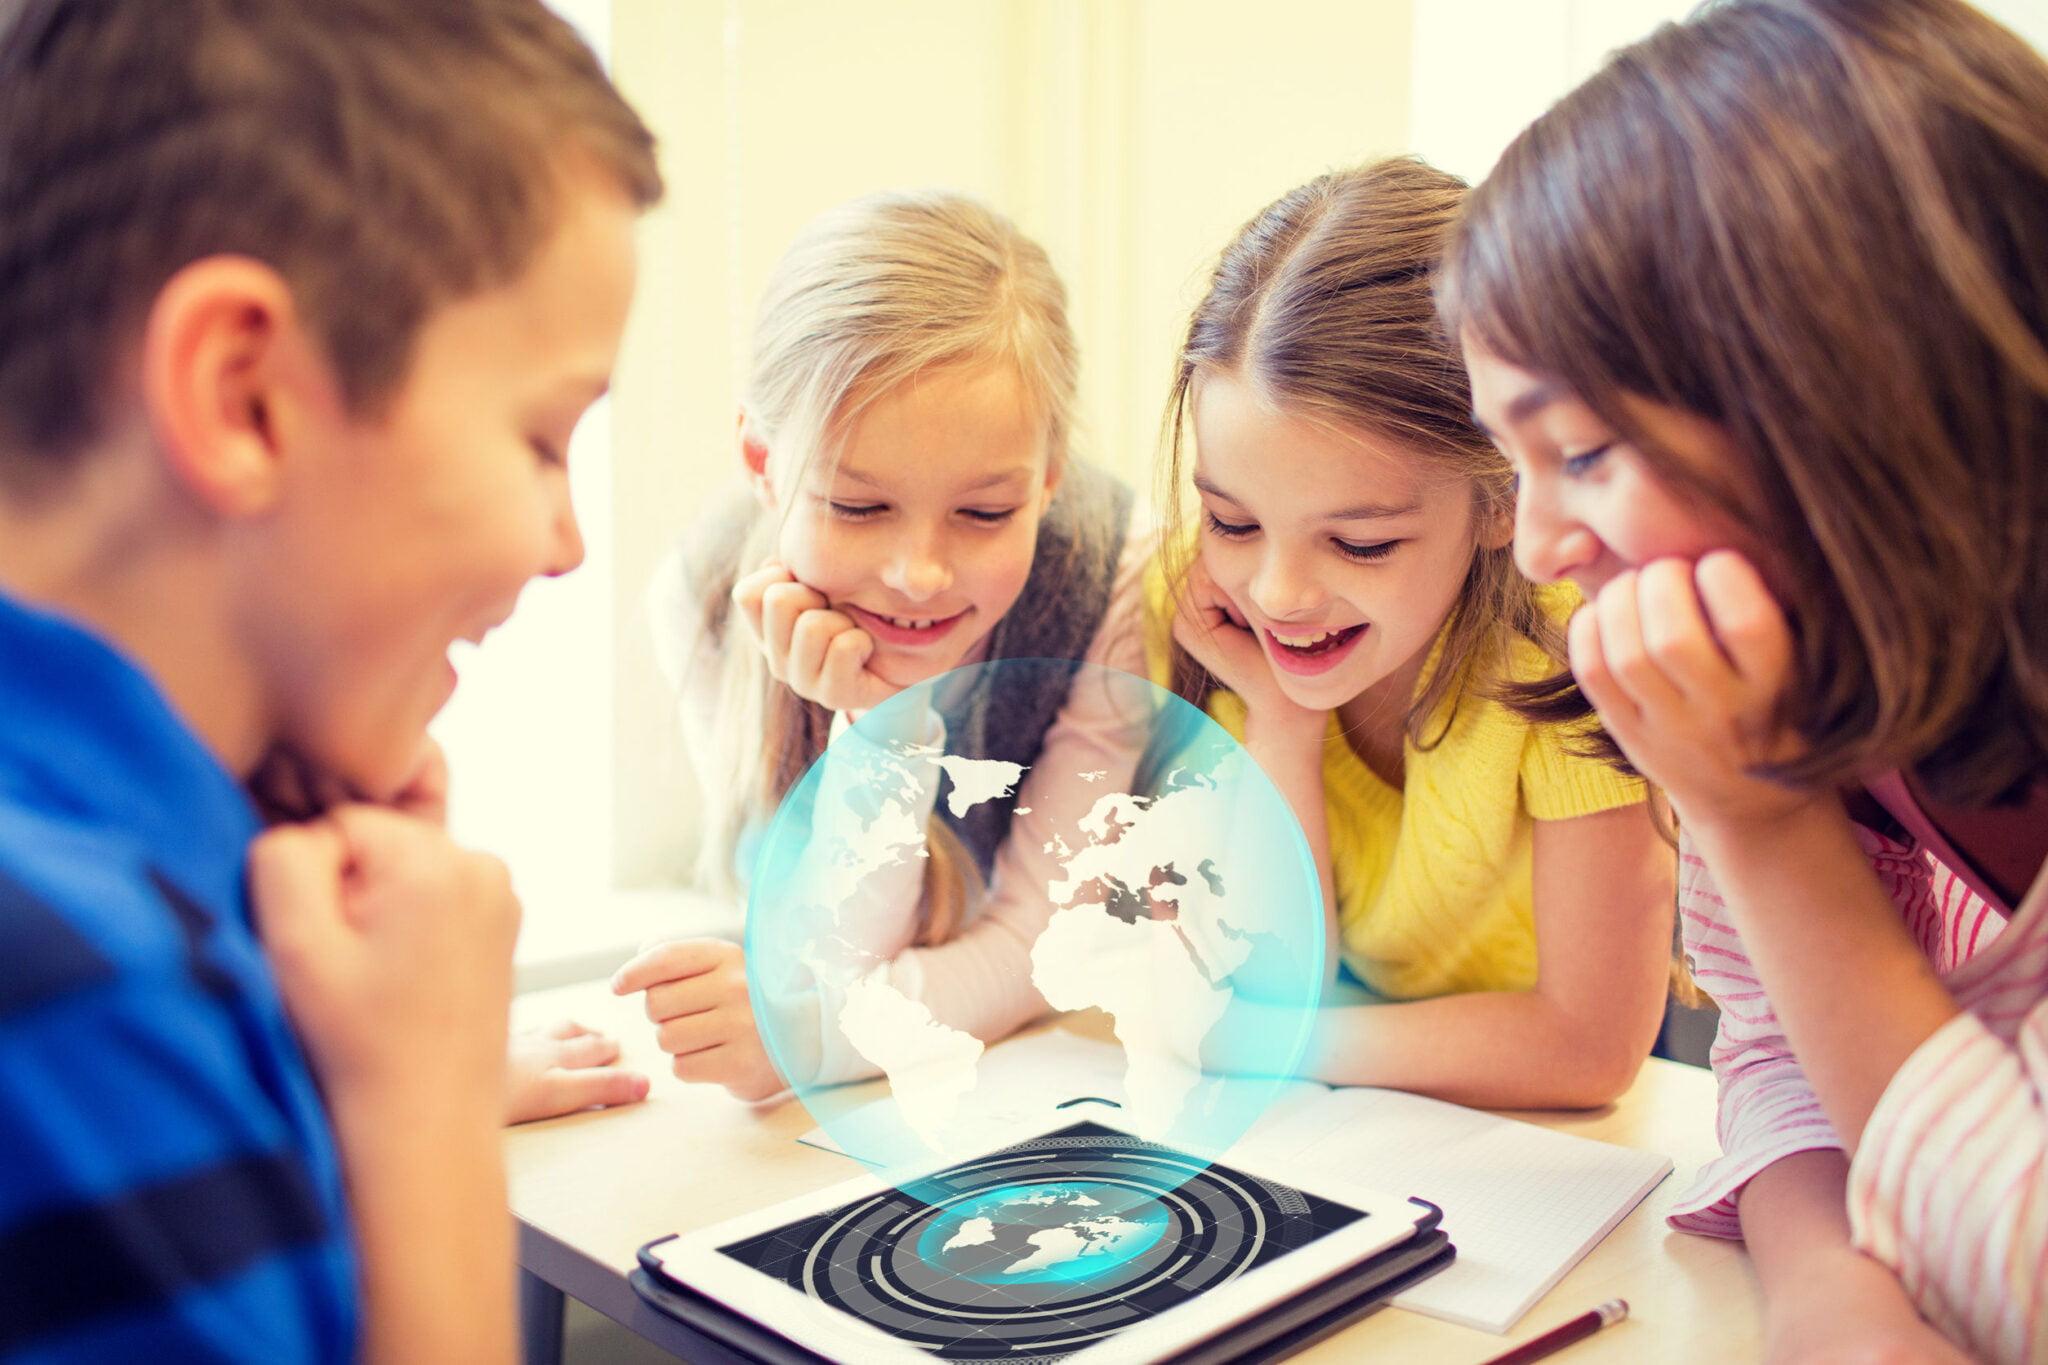 4 manieren waarop technologie bijdraagt aan het onderwijs van kinderen - Maamliefde.nl